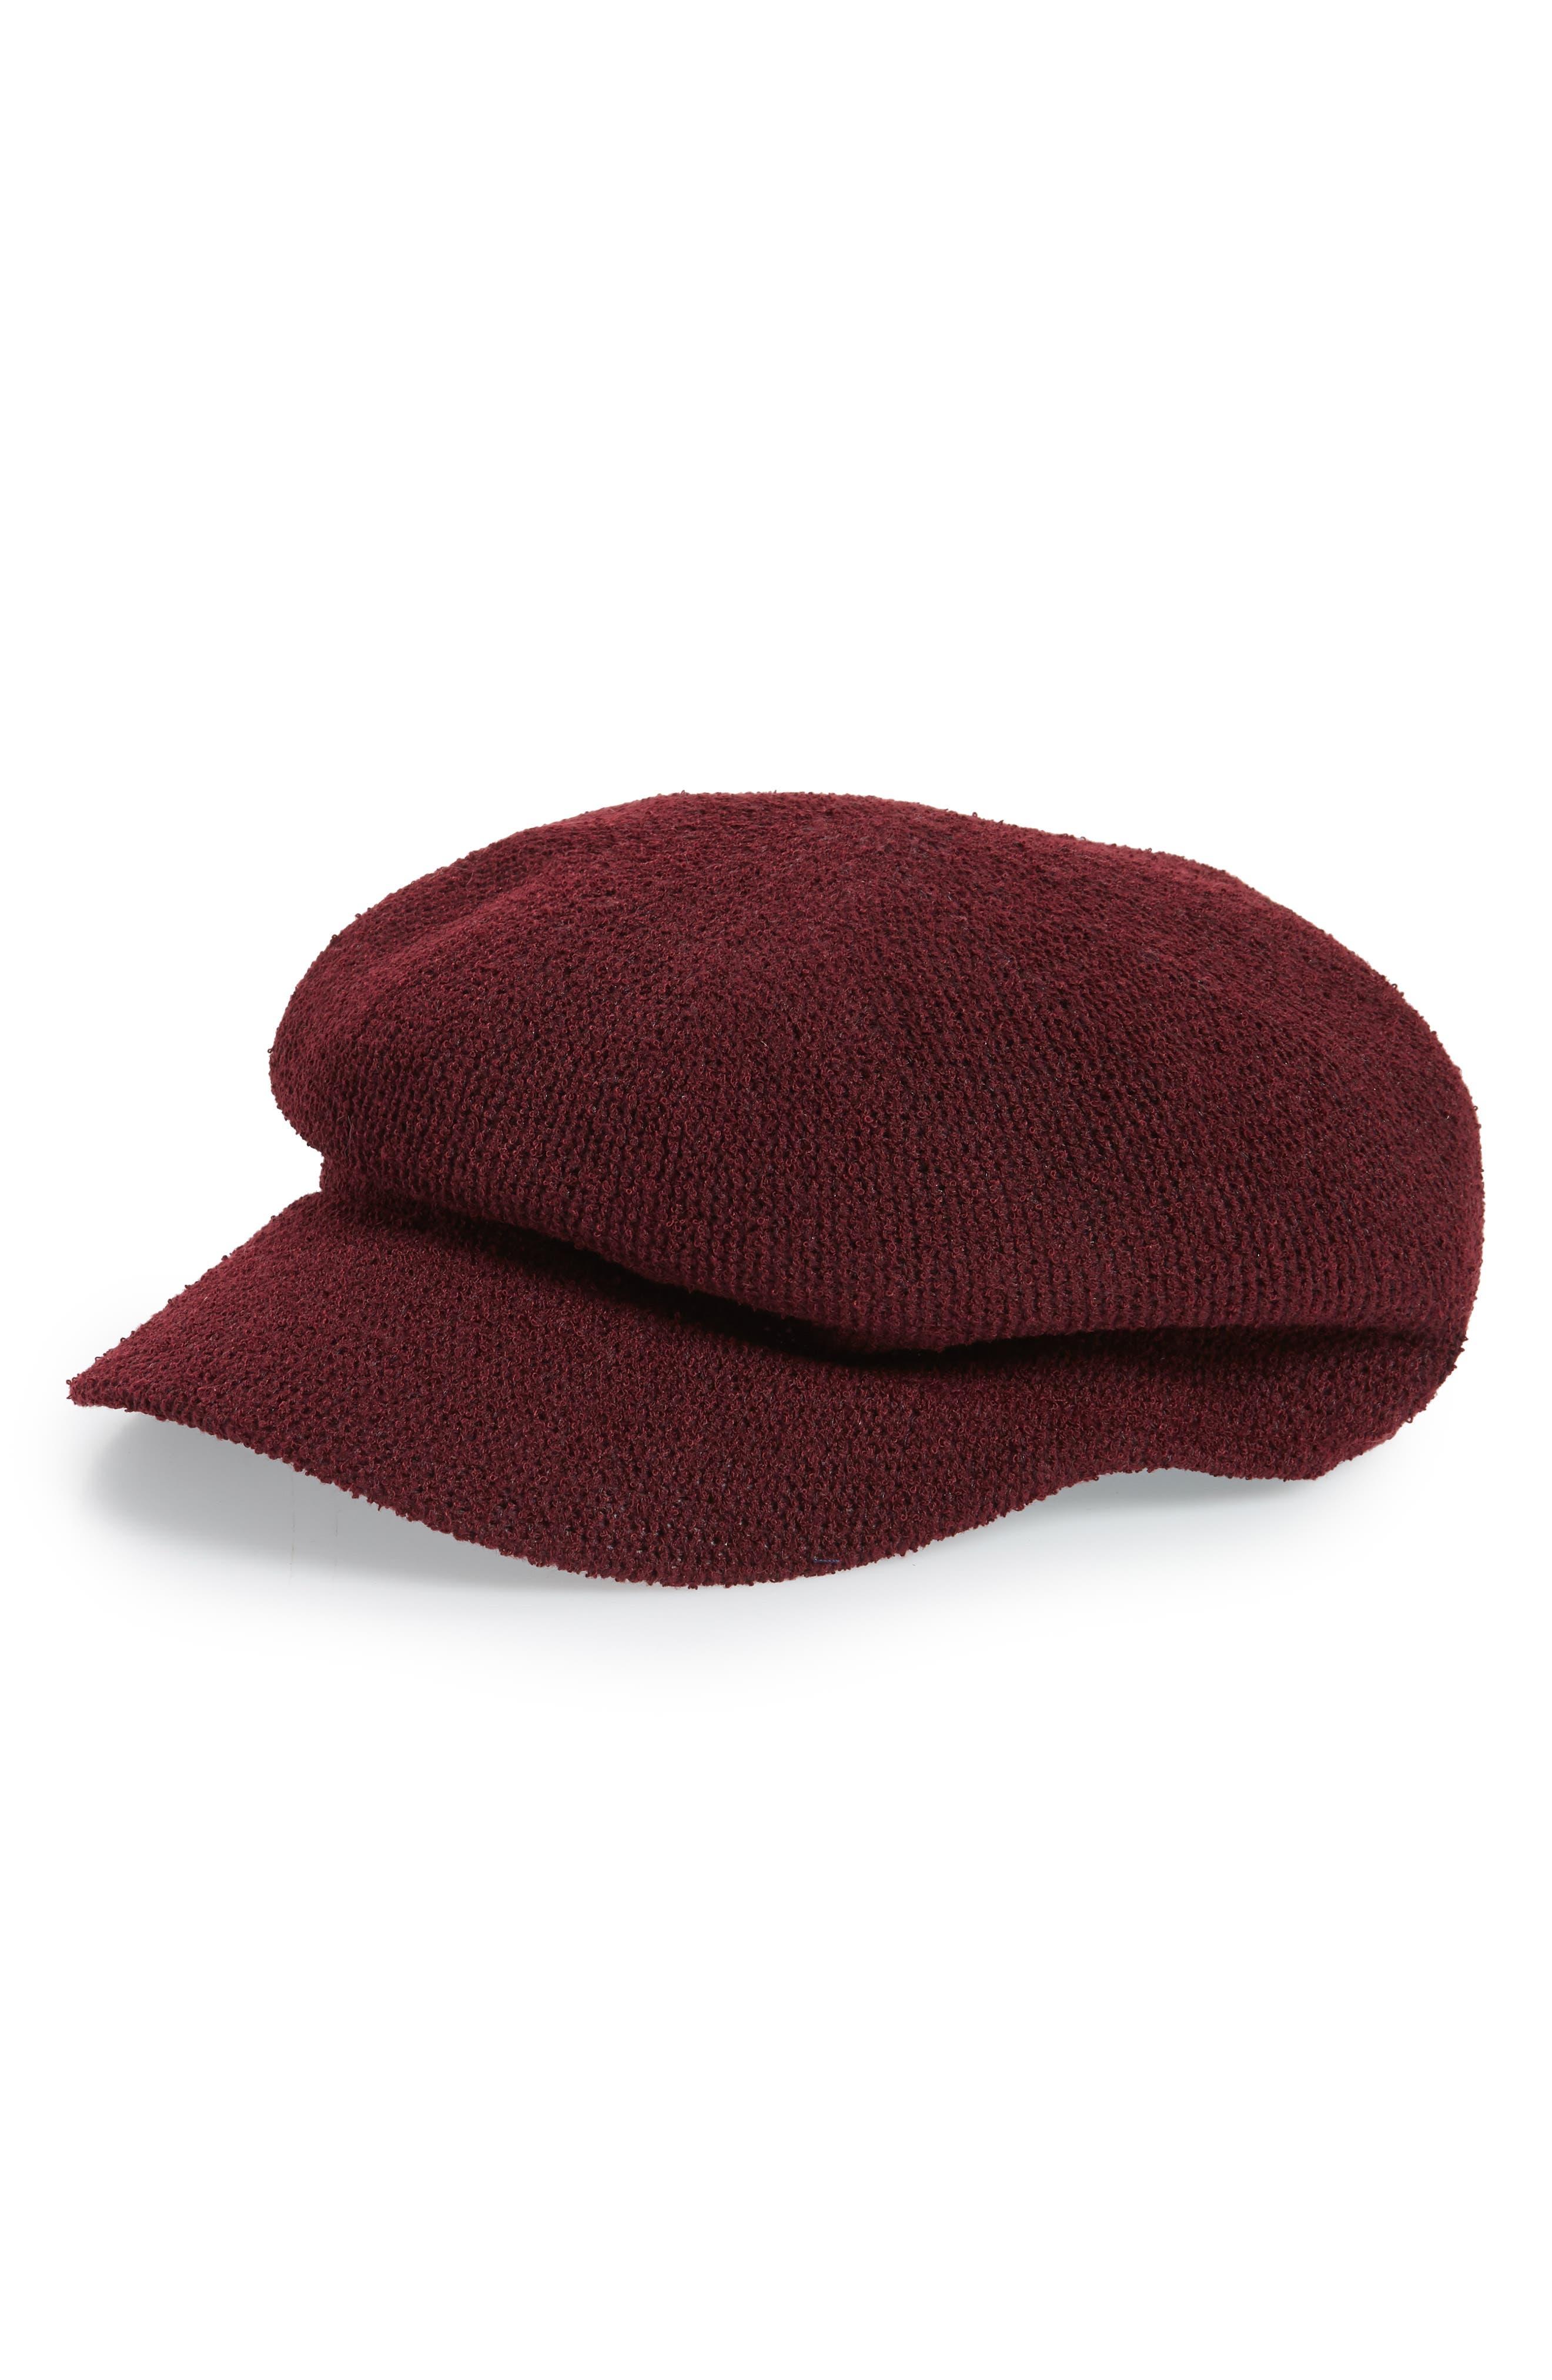 Baker Boy Hat,                         Main,                         color, 600